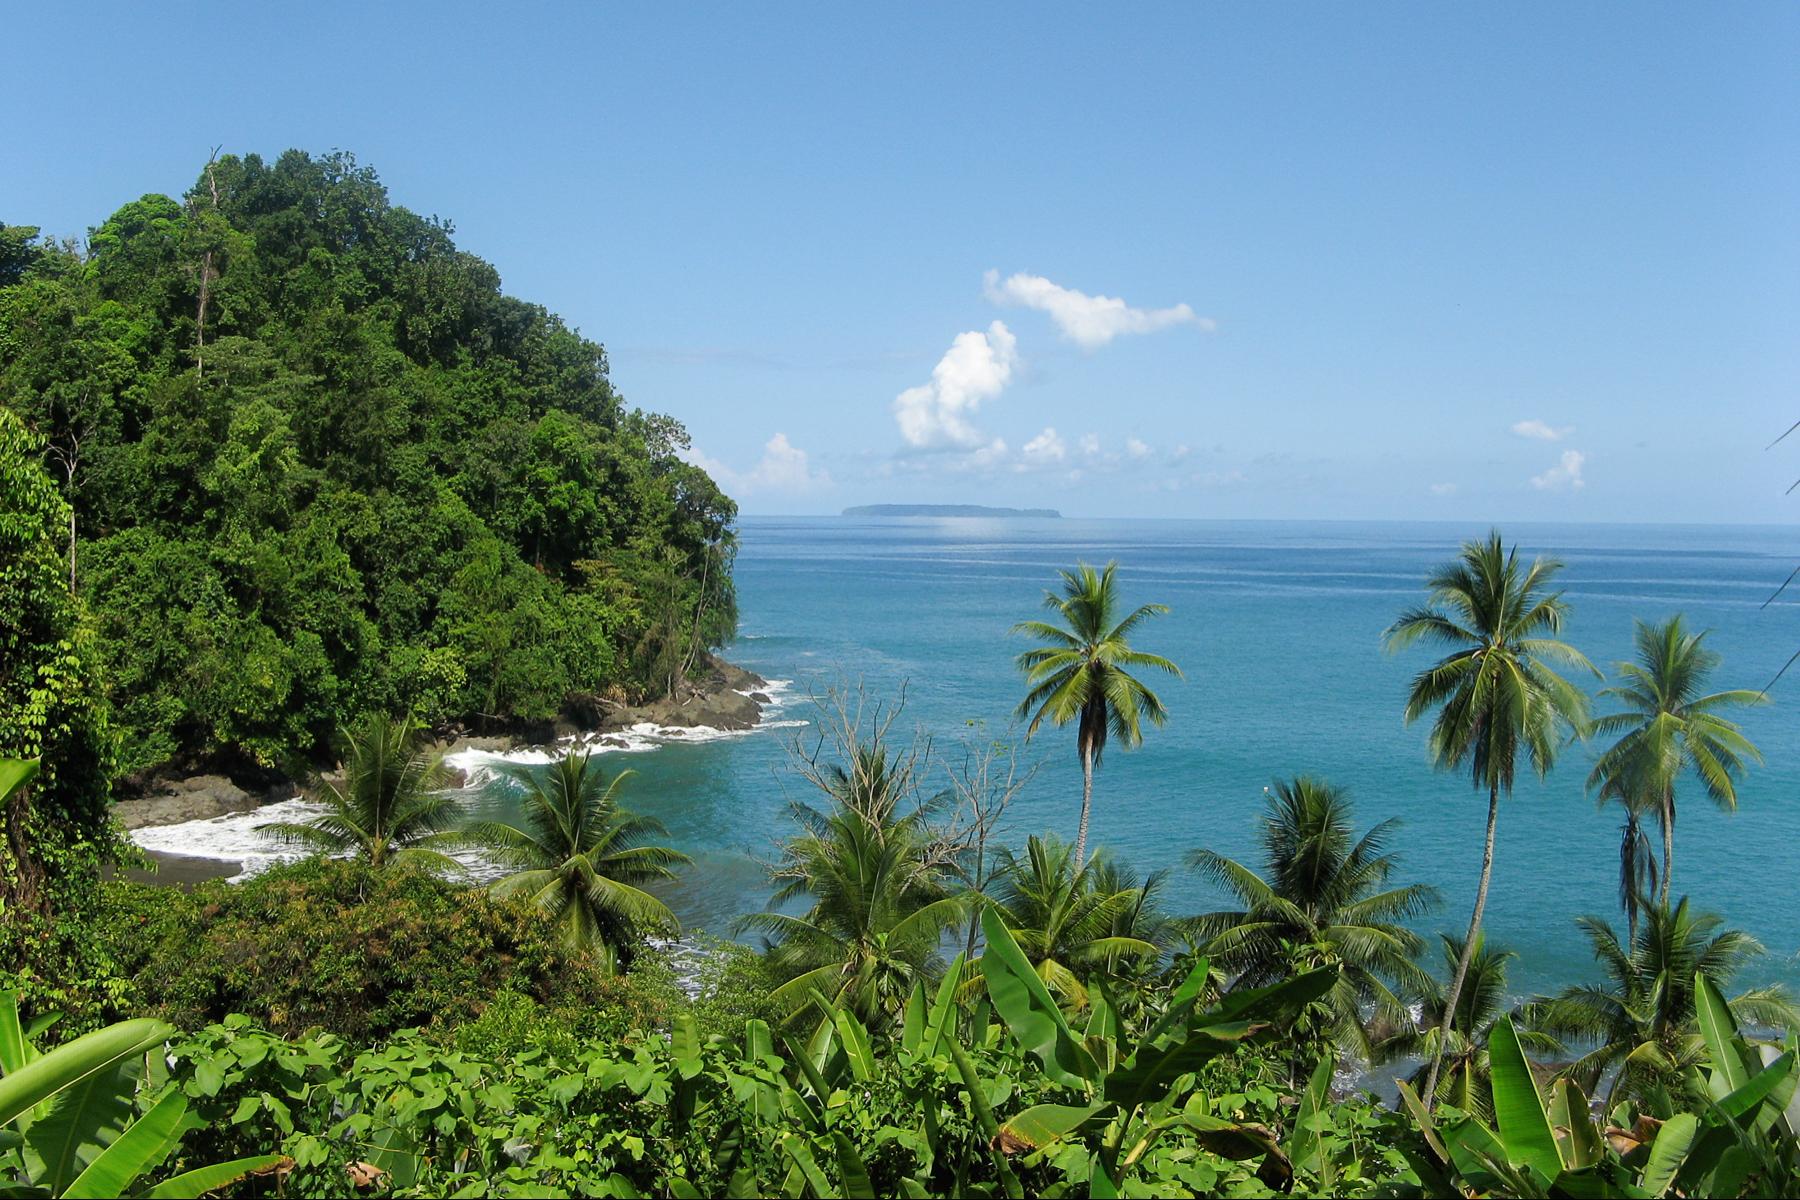 토지 용 매매 에 170 acre off-grid jungle paradise and field station on the beach Other Puntarenas, 푼타레나스 코스타리카